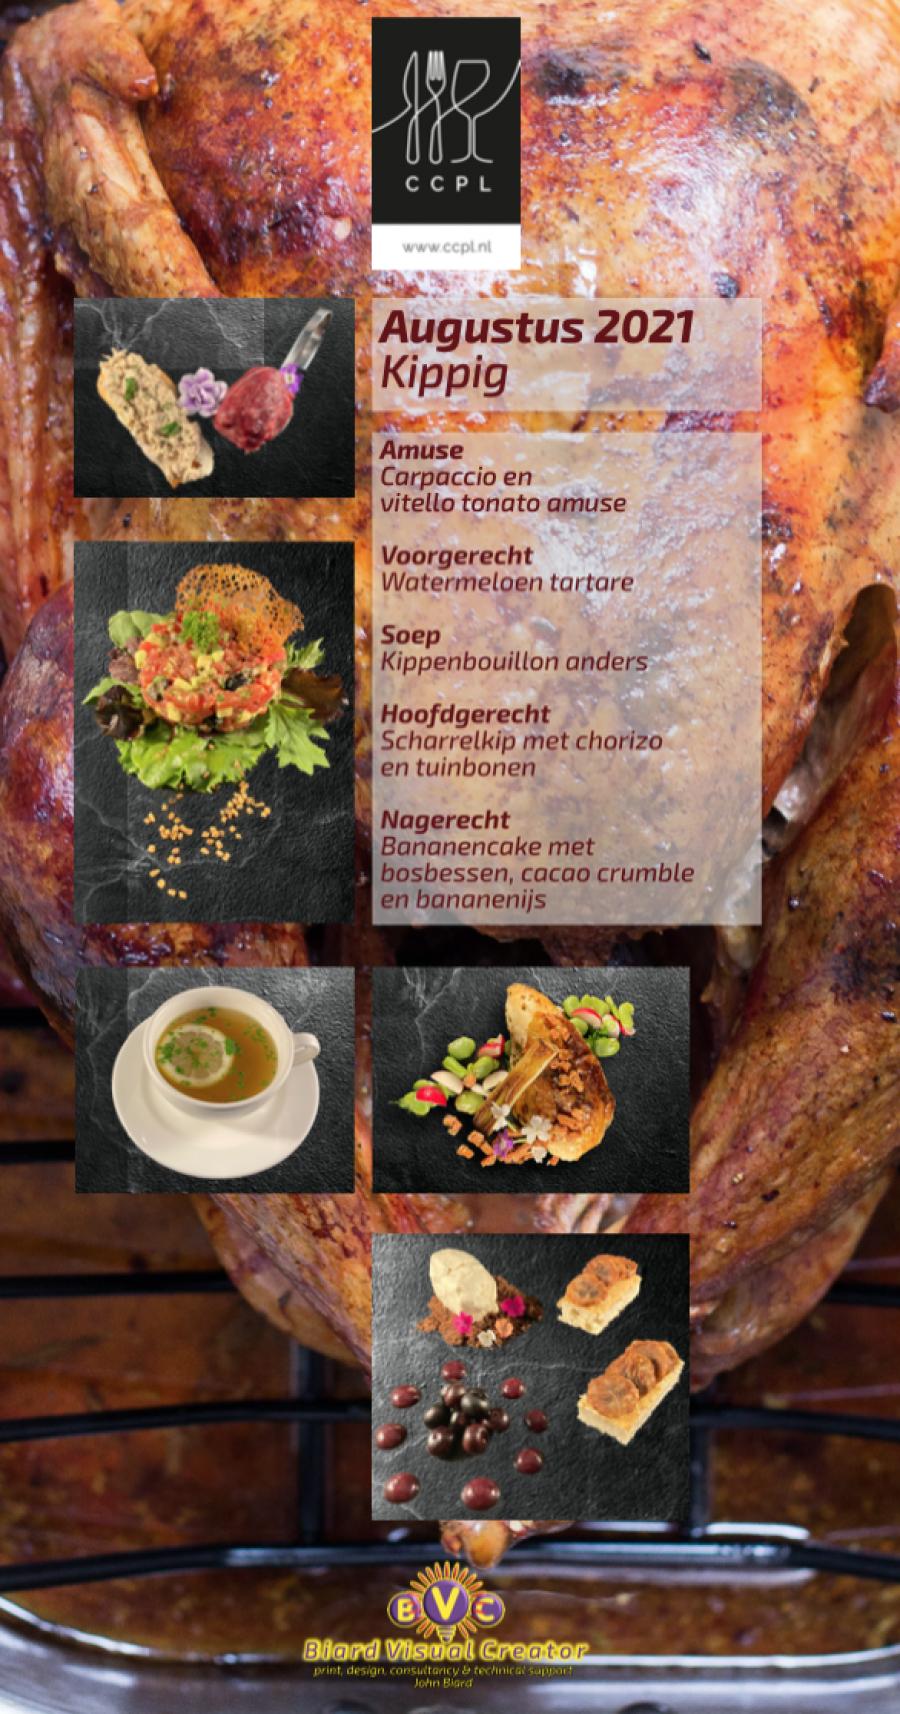 2021-08 menu augustus